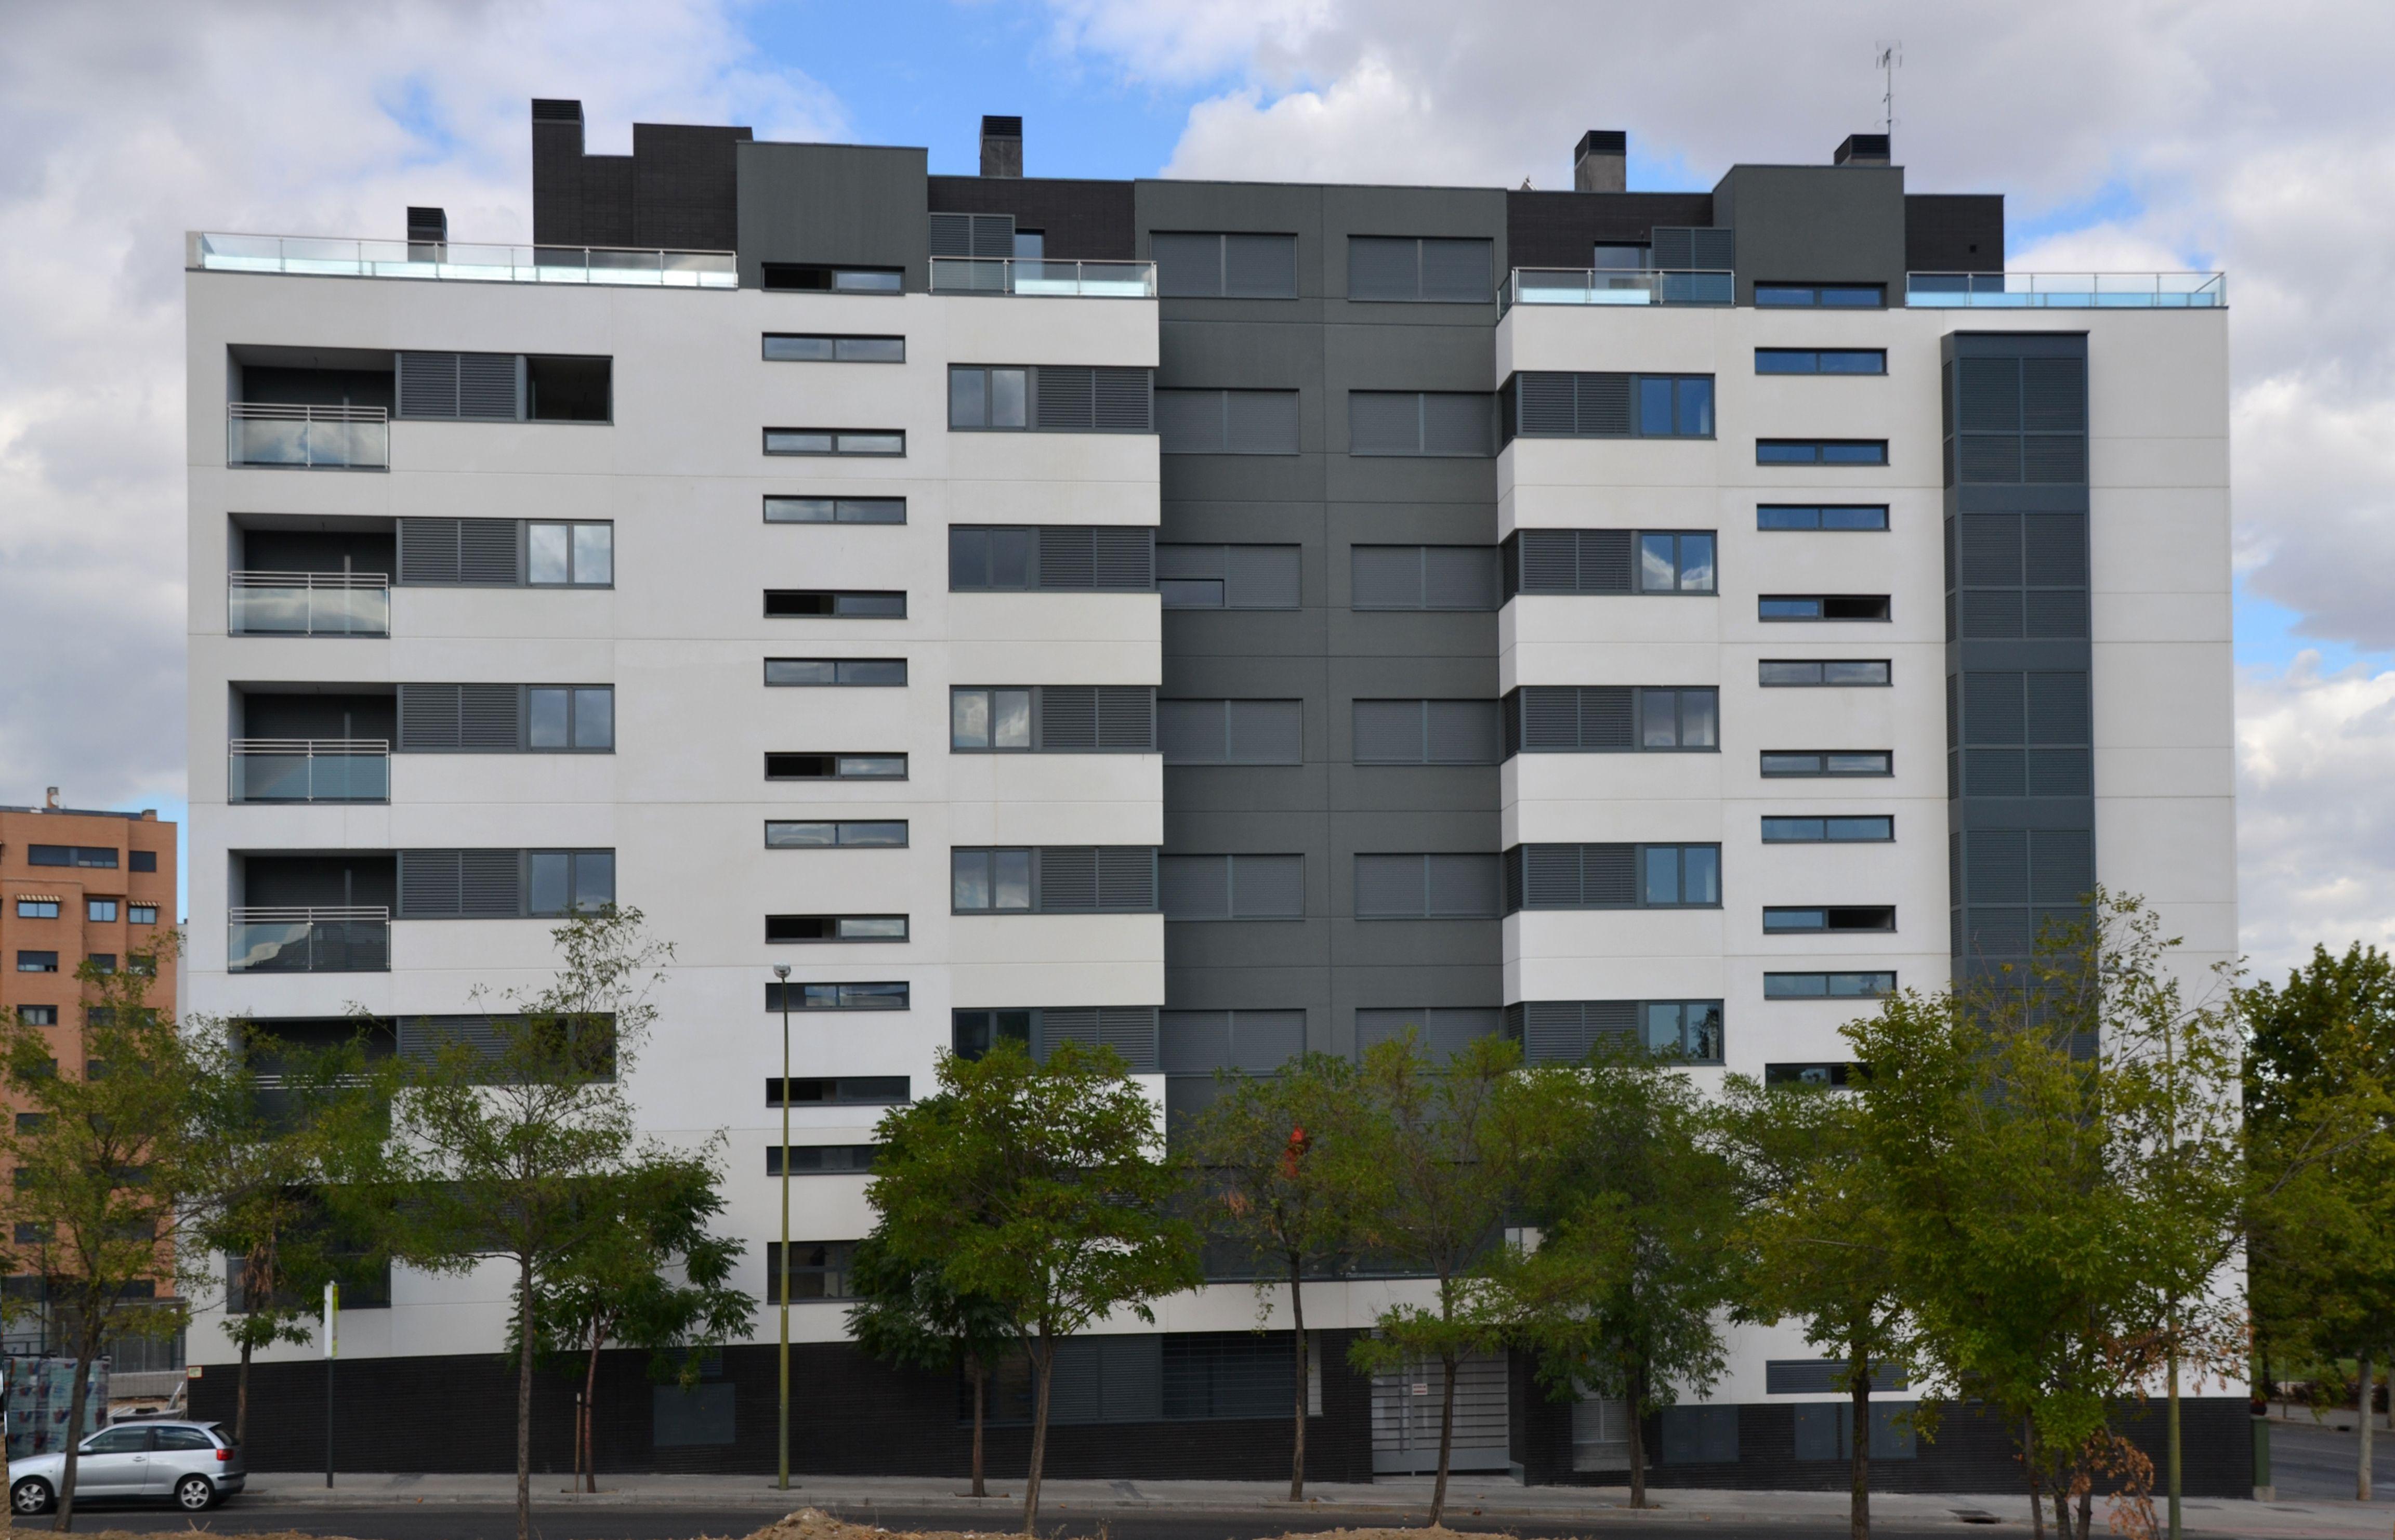 Panel hormigón arquitectónico: Productos de Prefabricados Ponce